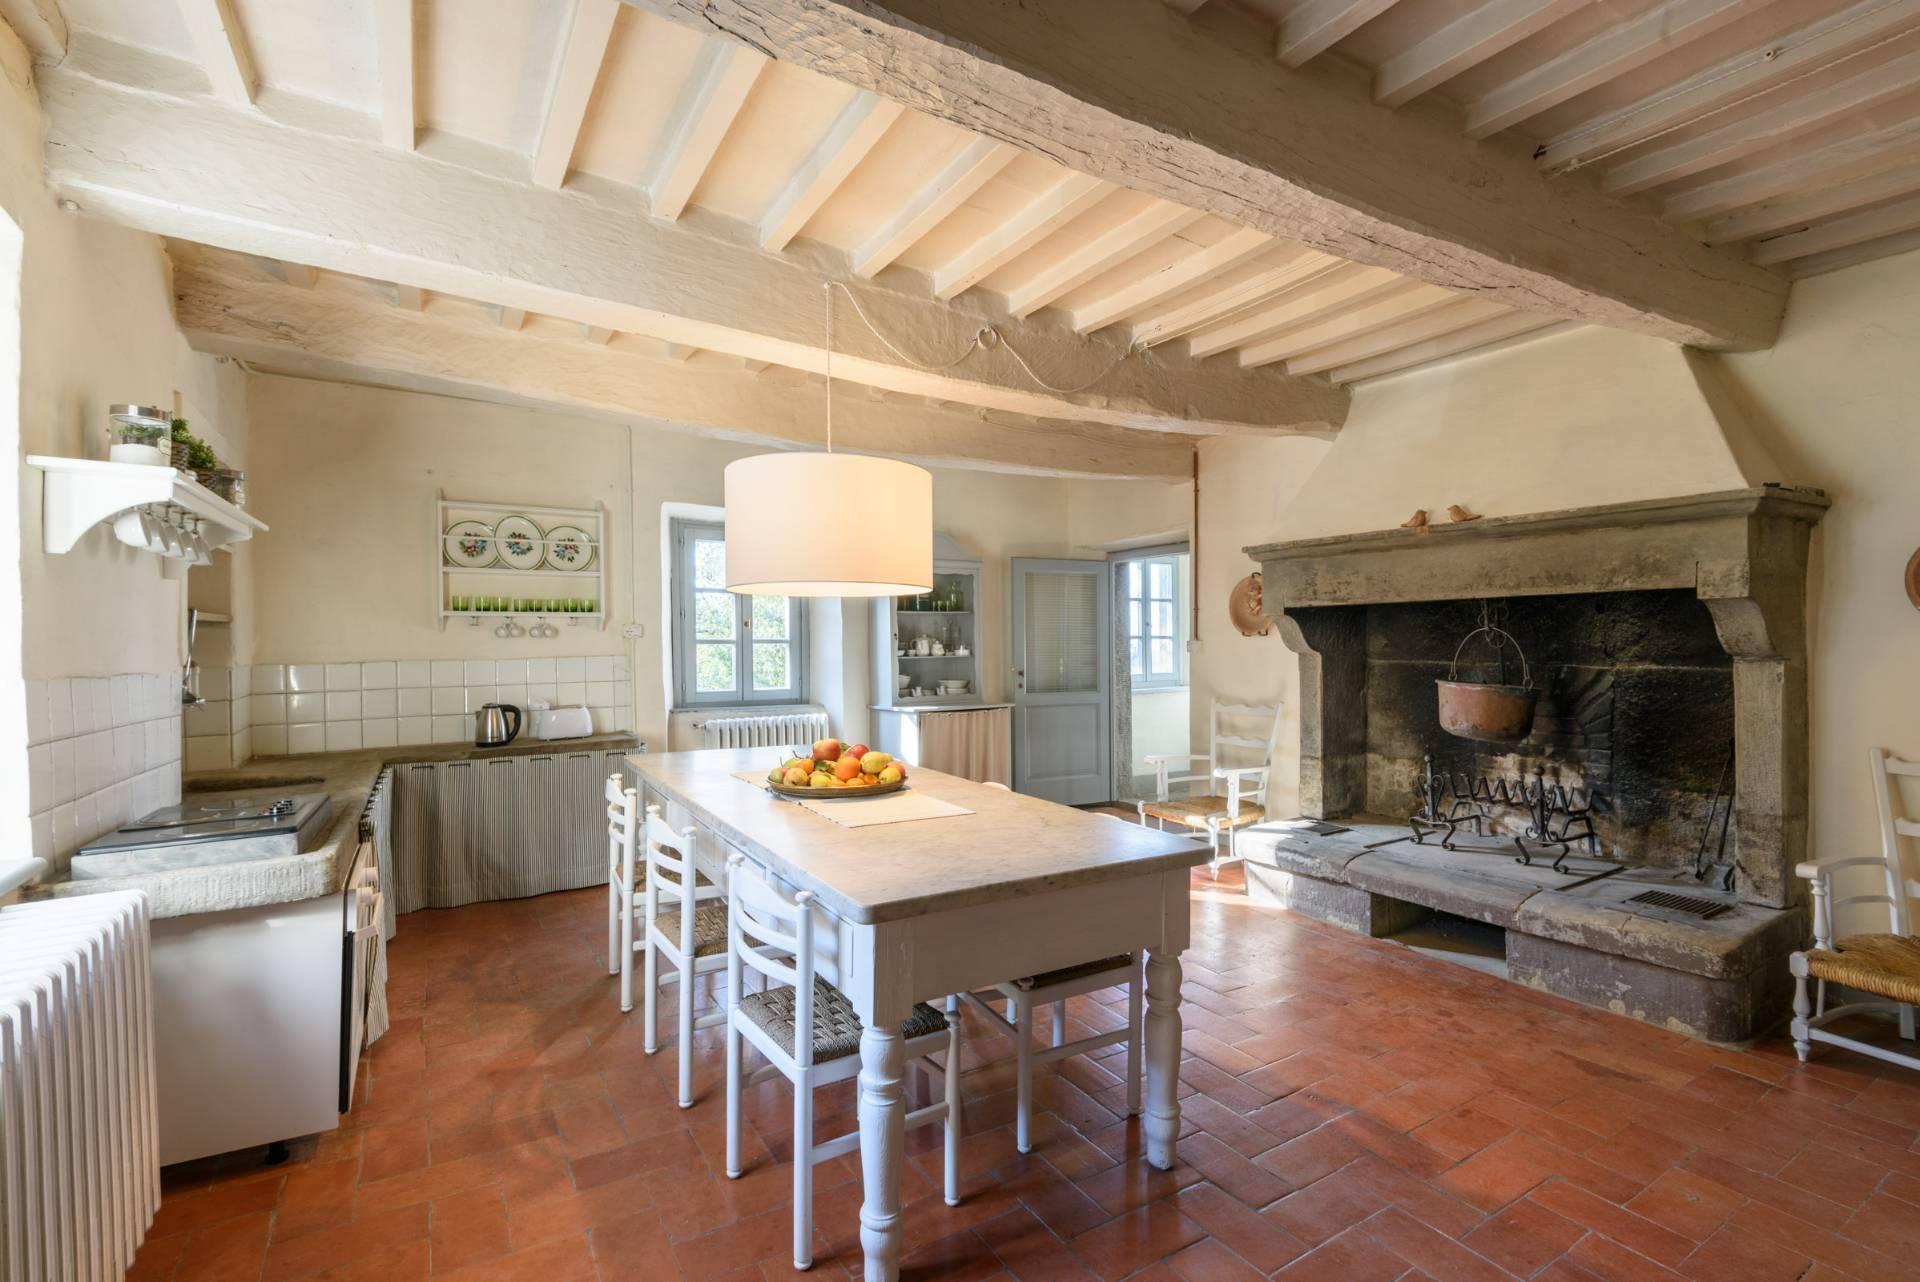 Appartamento in vendita a Anghiari, 3 locali, zona Zona: Scheggia, prezzo € 130.000 | CambioCasa.it